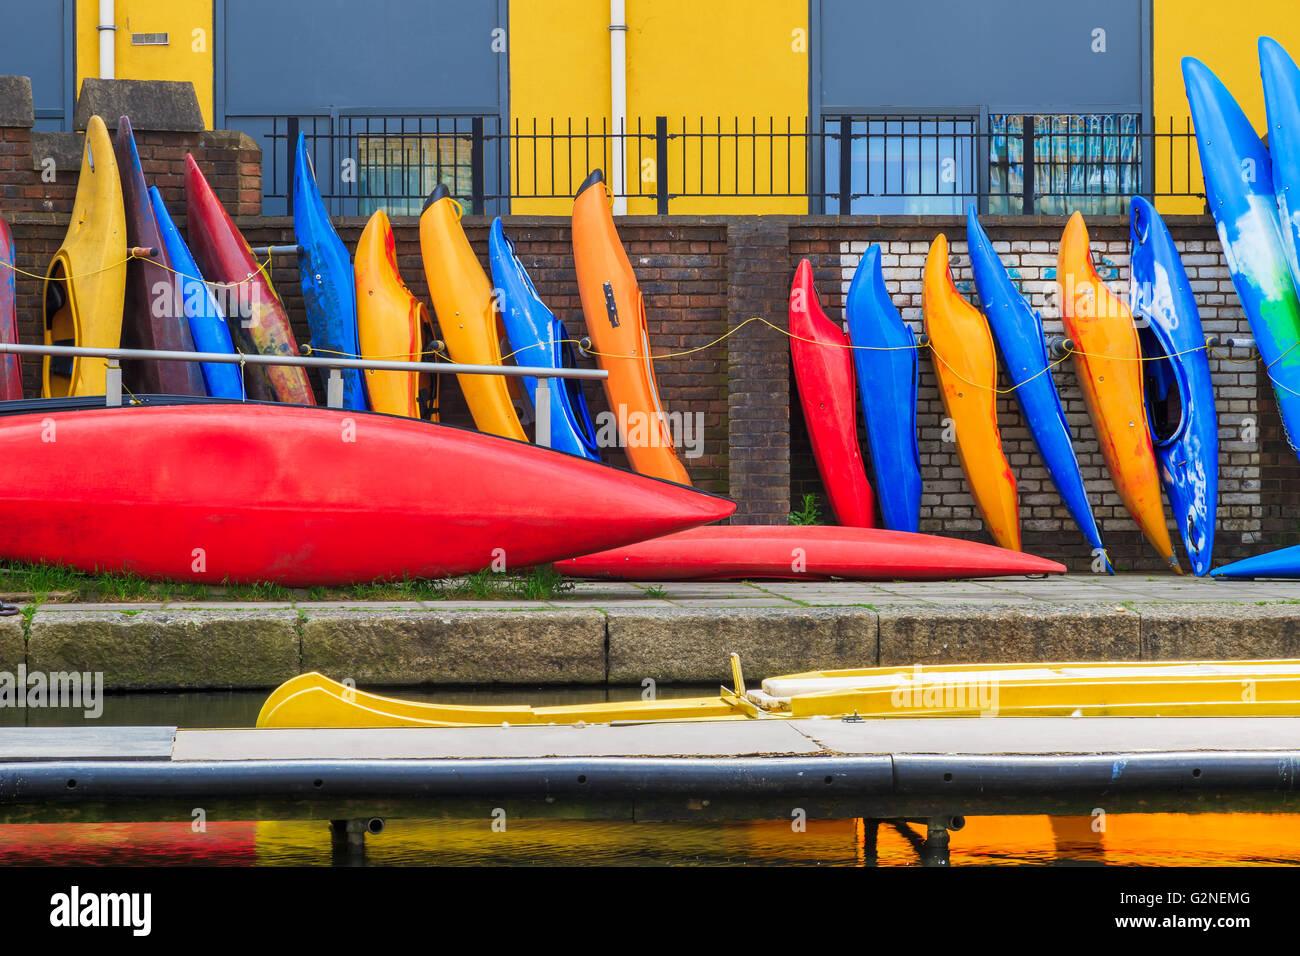 Fila di kayaks colorati appoggiati contro un muro di mattoni sul Regent's Canal a Londra Immagini Stock